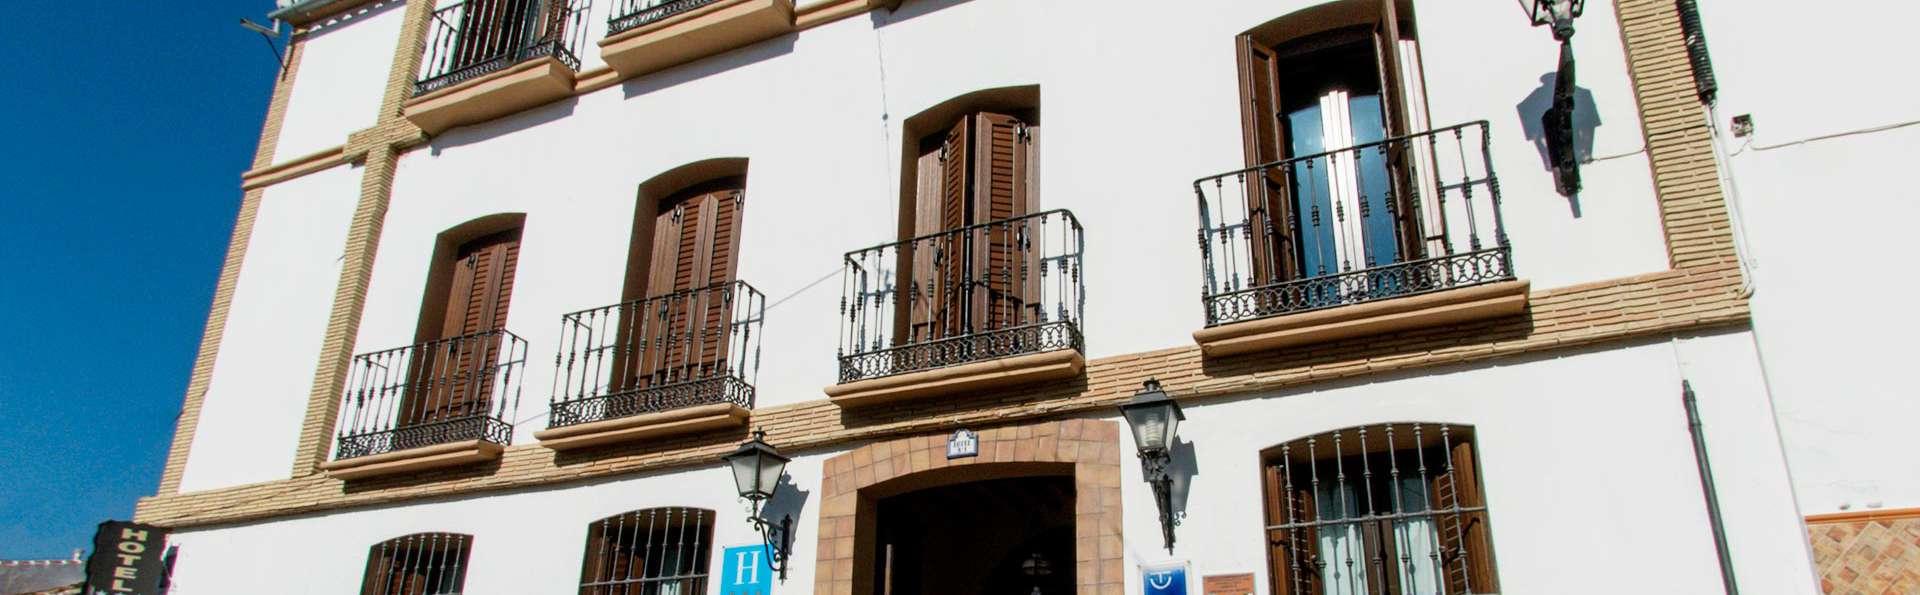 La Casa Grande de El Burgo - EDIT_front.jpg